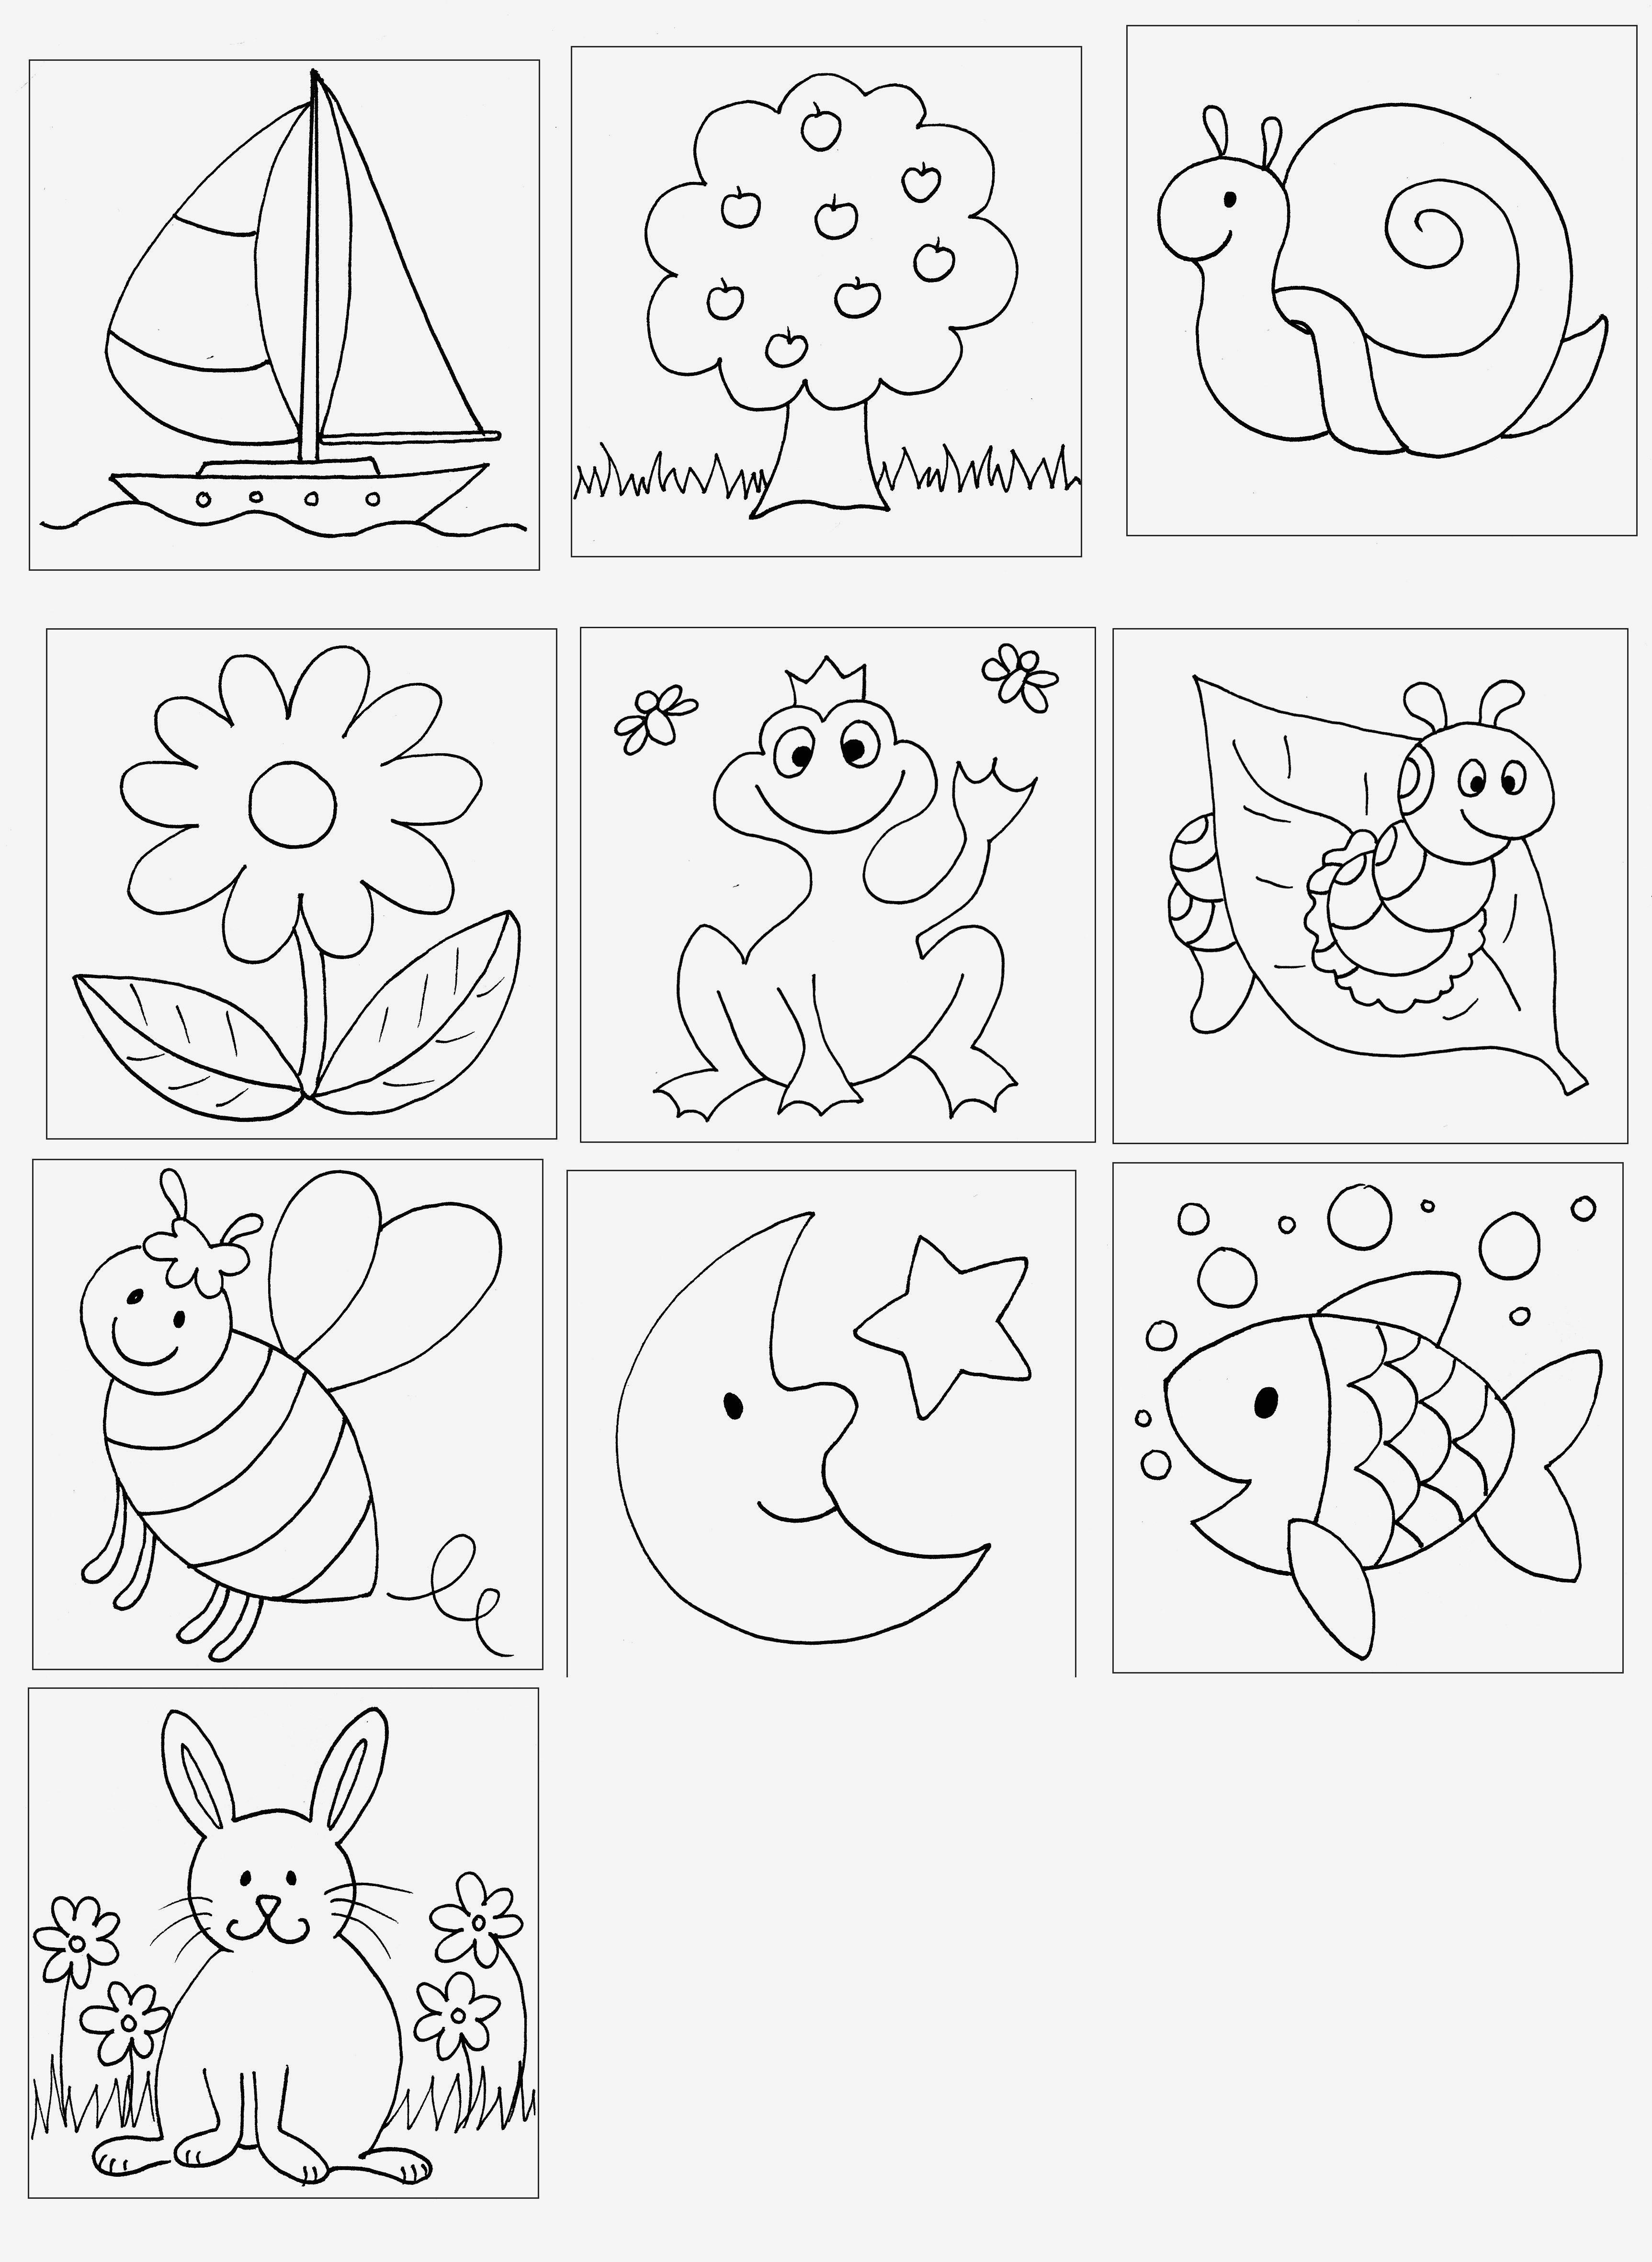 Manuel Neuer Ausmalbilder Genial Beispielbilder Färben Ausmalbilder Unterwasserwelt Galerie